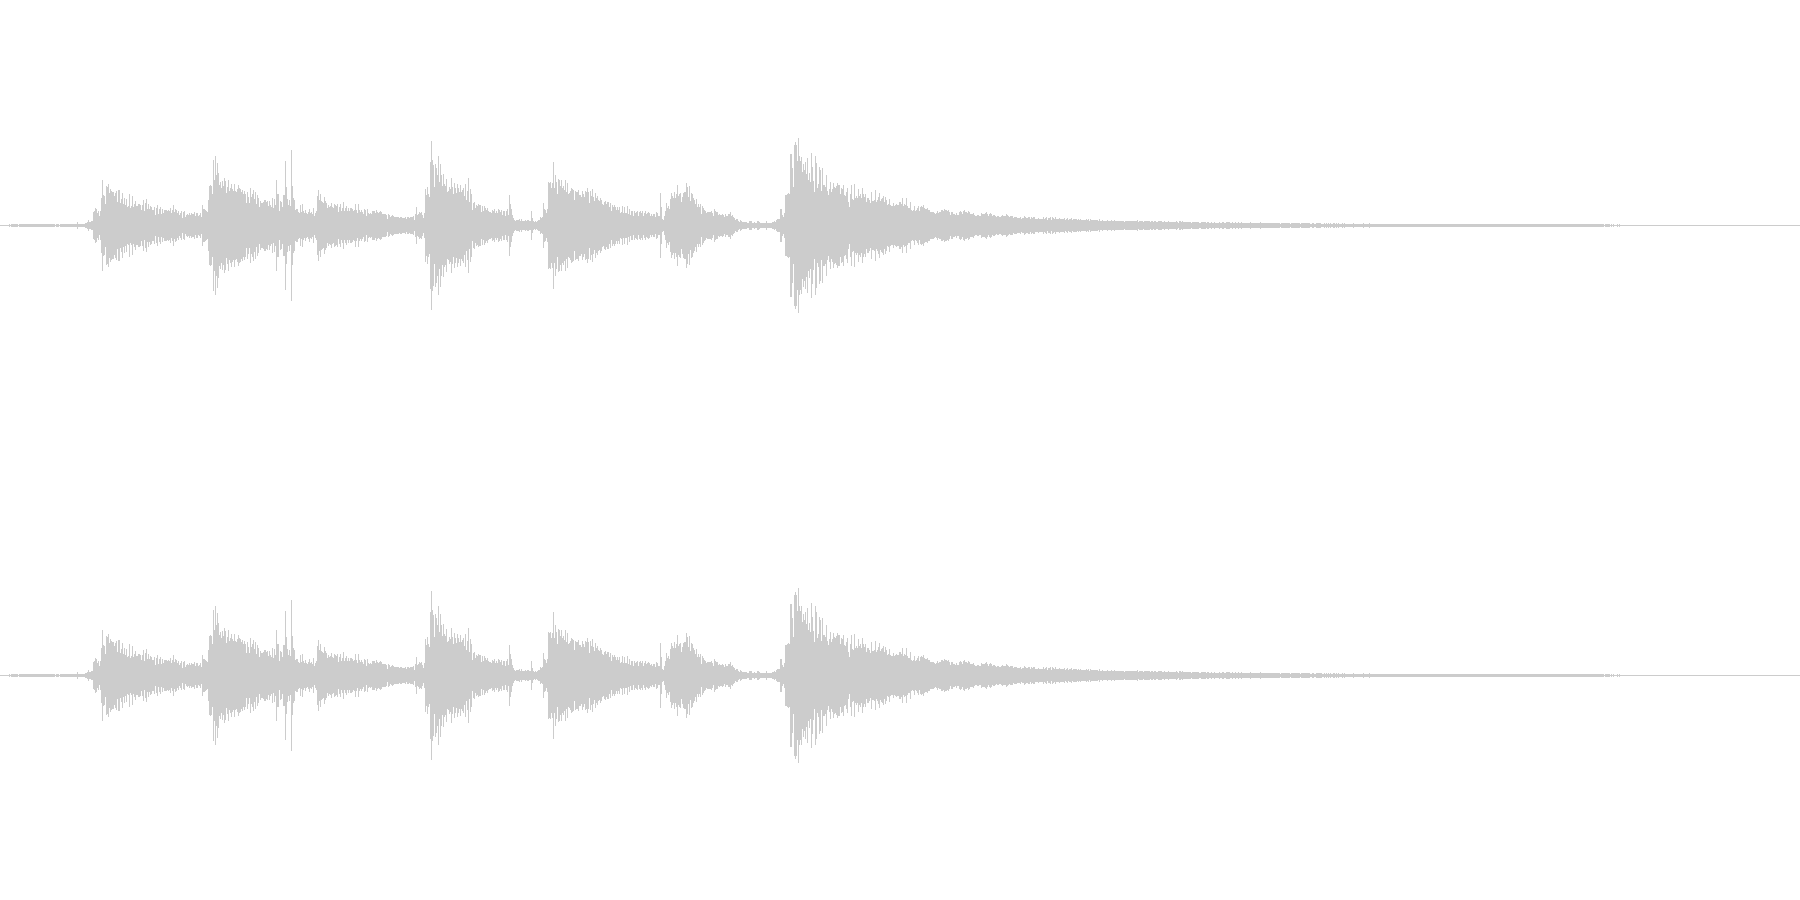 【生音】ウクレレののんびりなコード効果音の未再生の波形